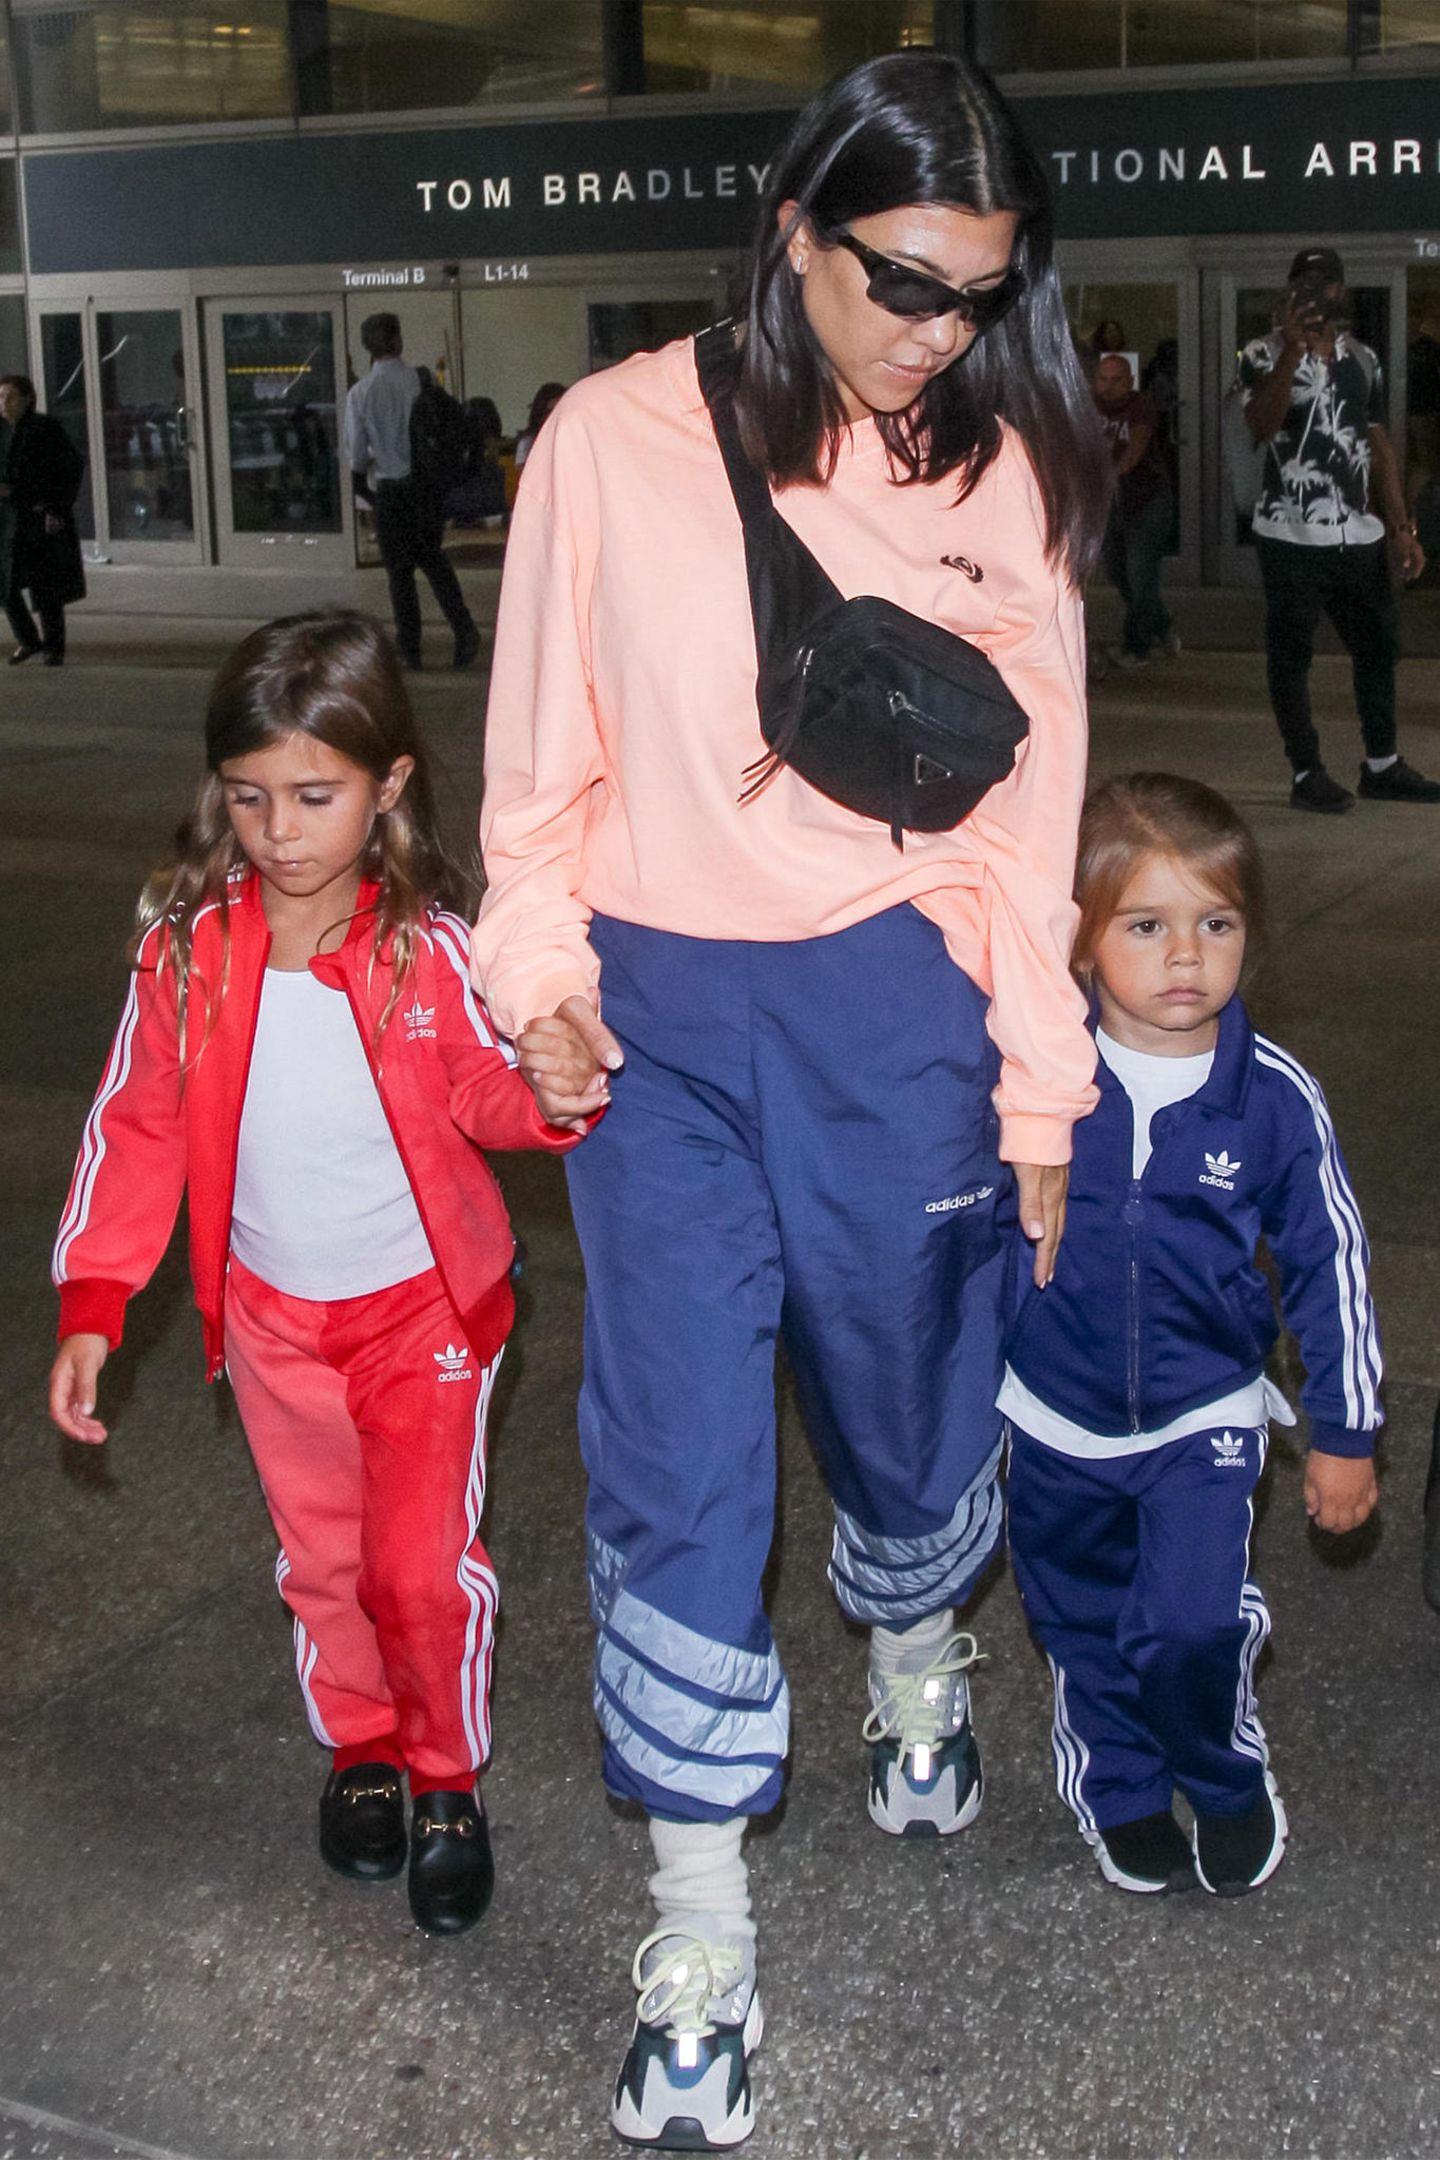 Im Flodder-Look am Flughafen: Kourtney Kardashian ist mit ihren Kids Penelope und Reign ganz gemütlich im Trainingsanzug-Partnerlook am LAX unterwegs. Wohl das bequemsteOutfit für lange Flugreisen, besonders mit Kindern.